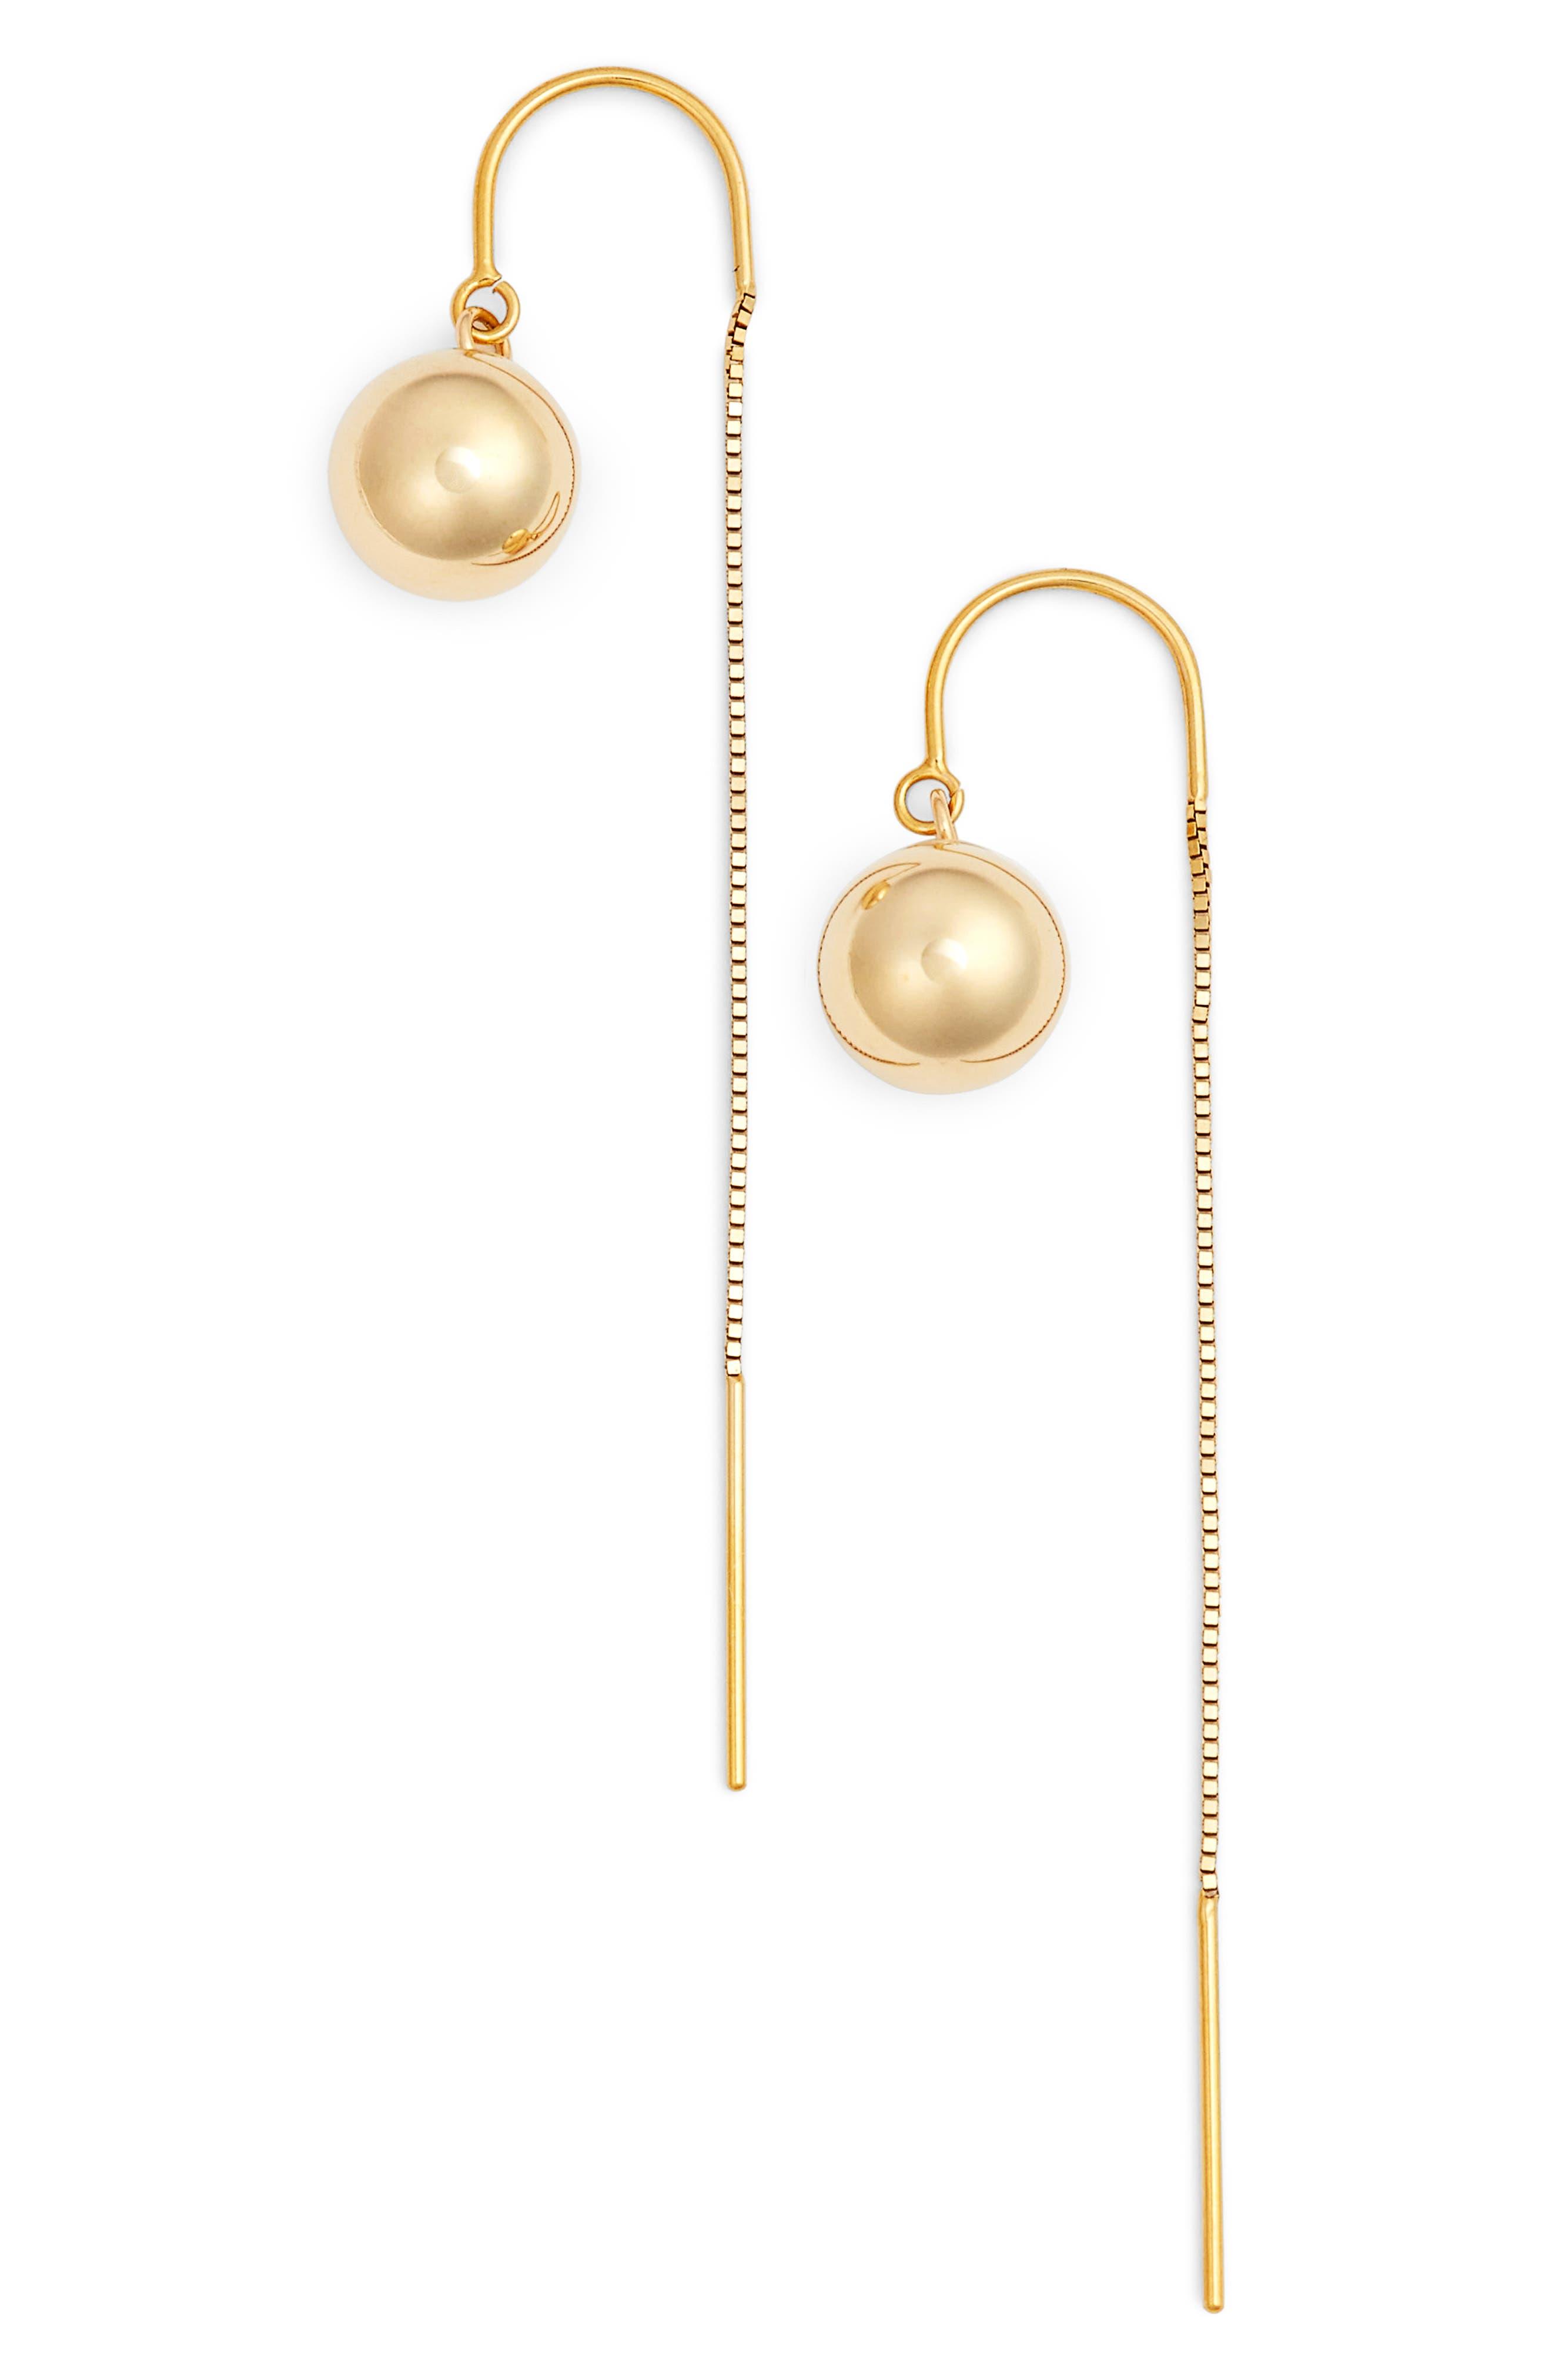 Poppy Finch Gold Ball Threader Earrings